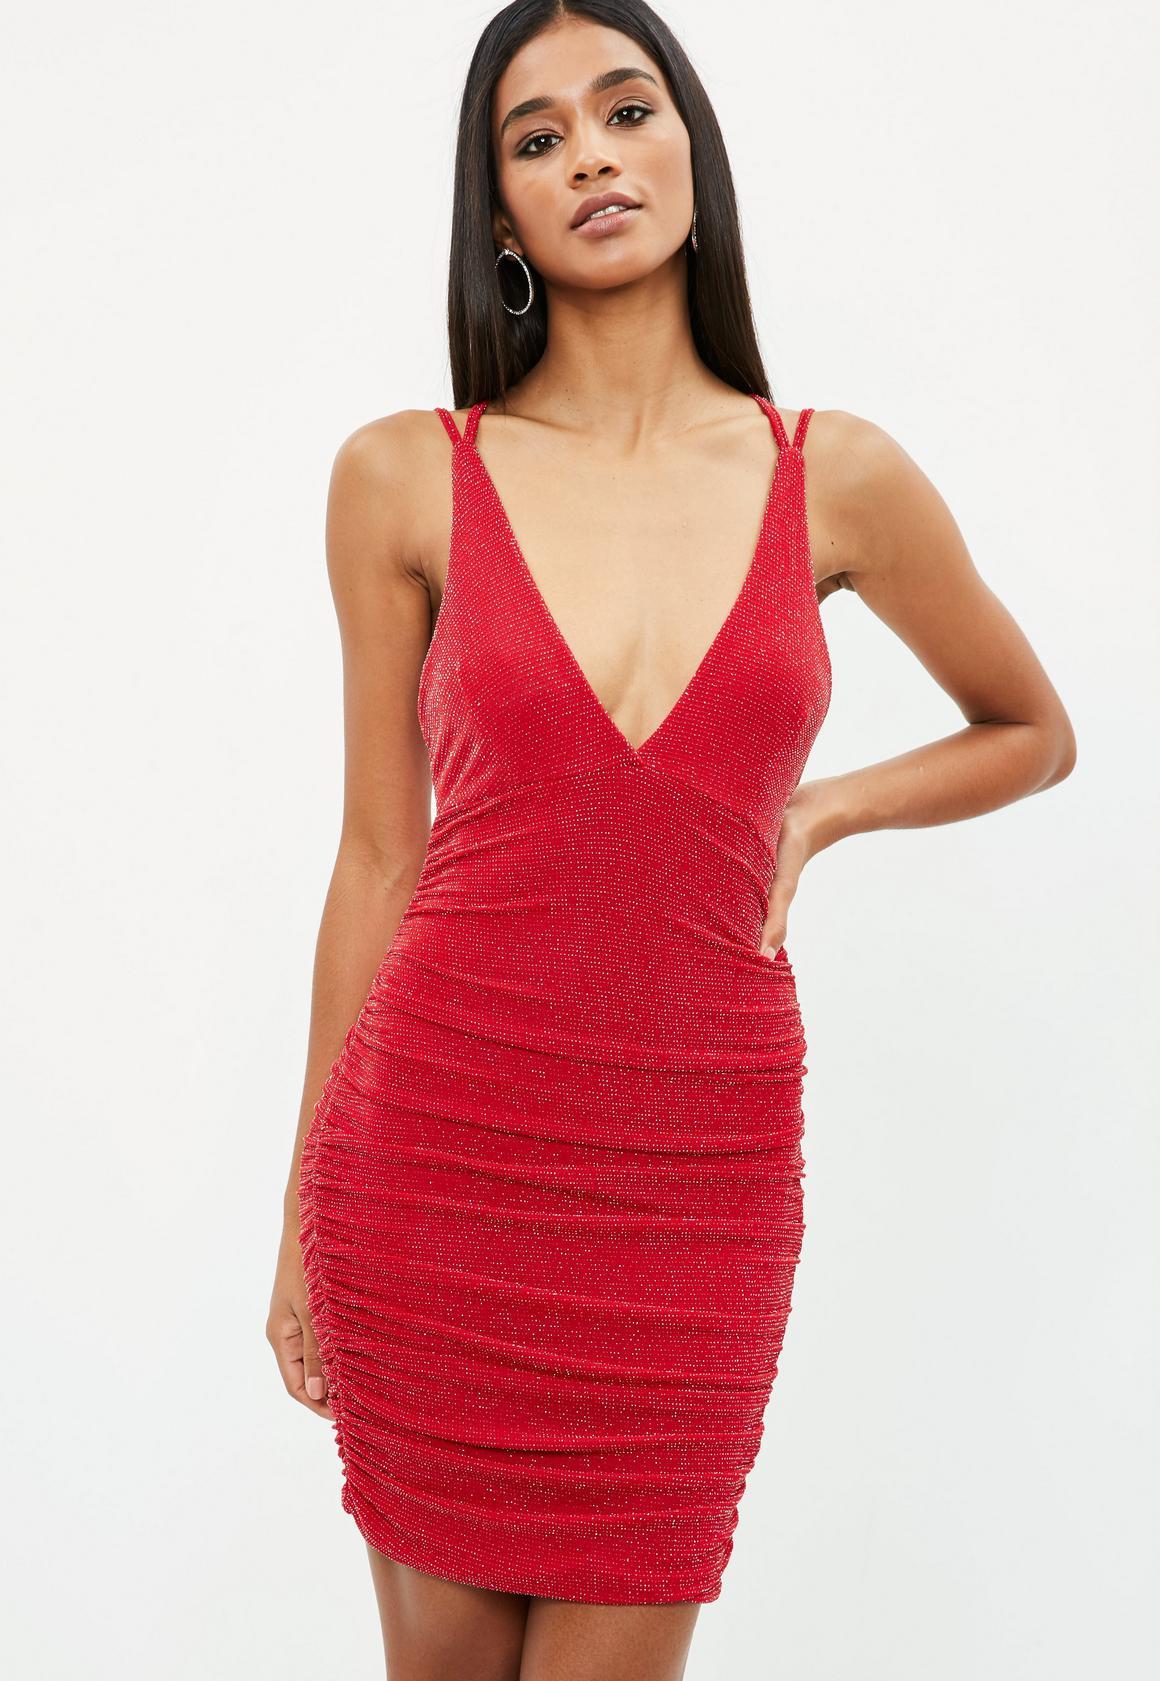 Long red metallic dress